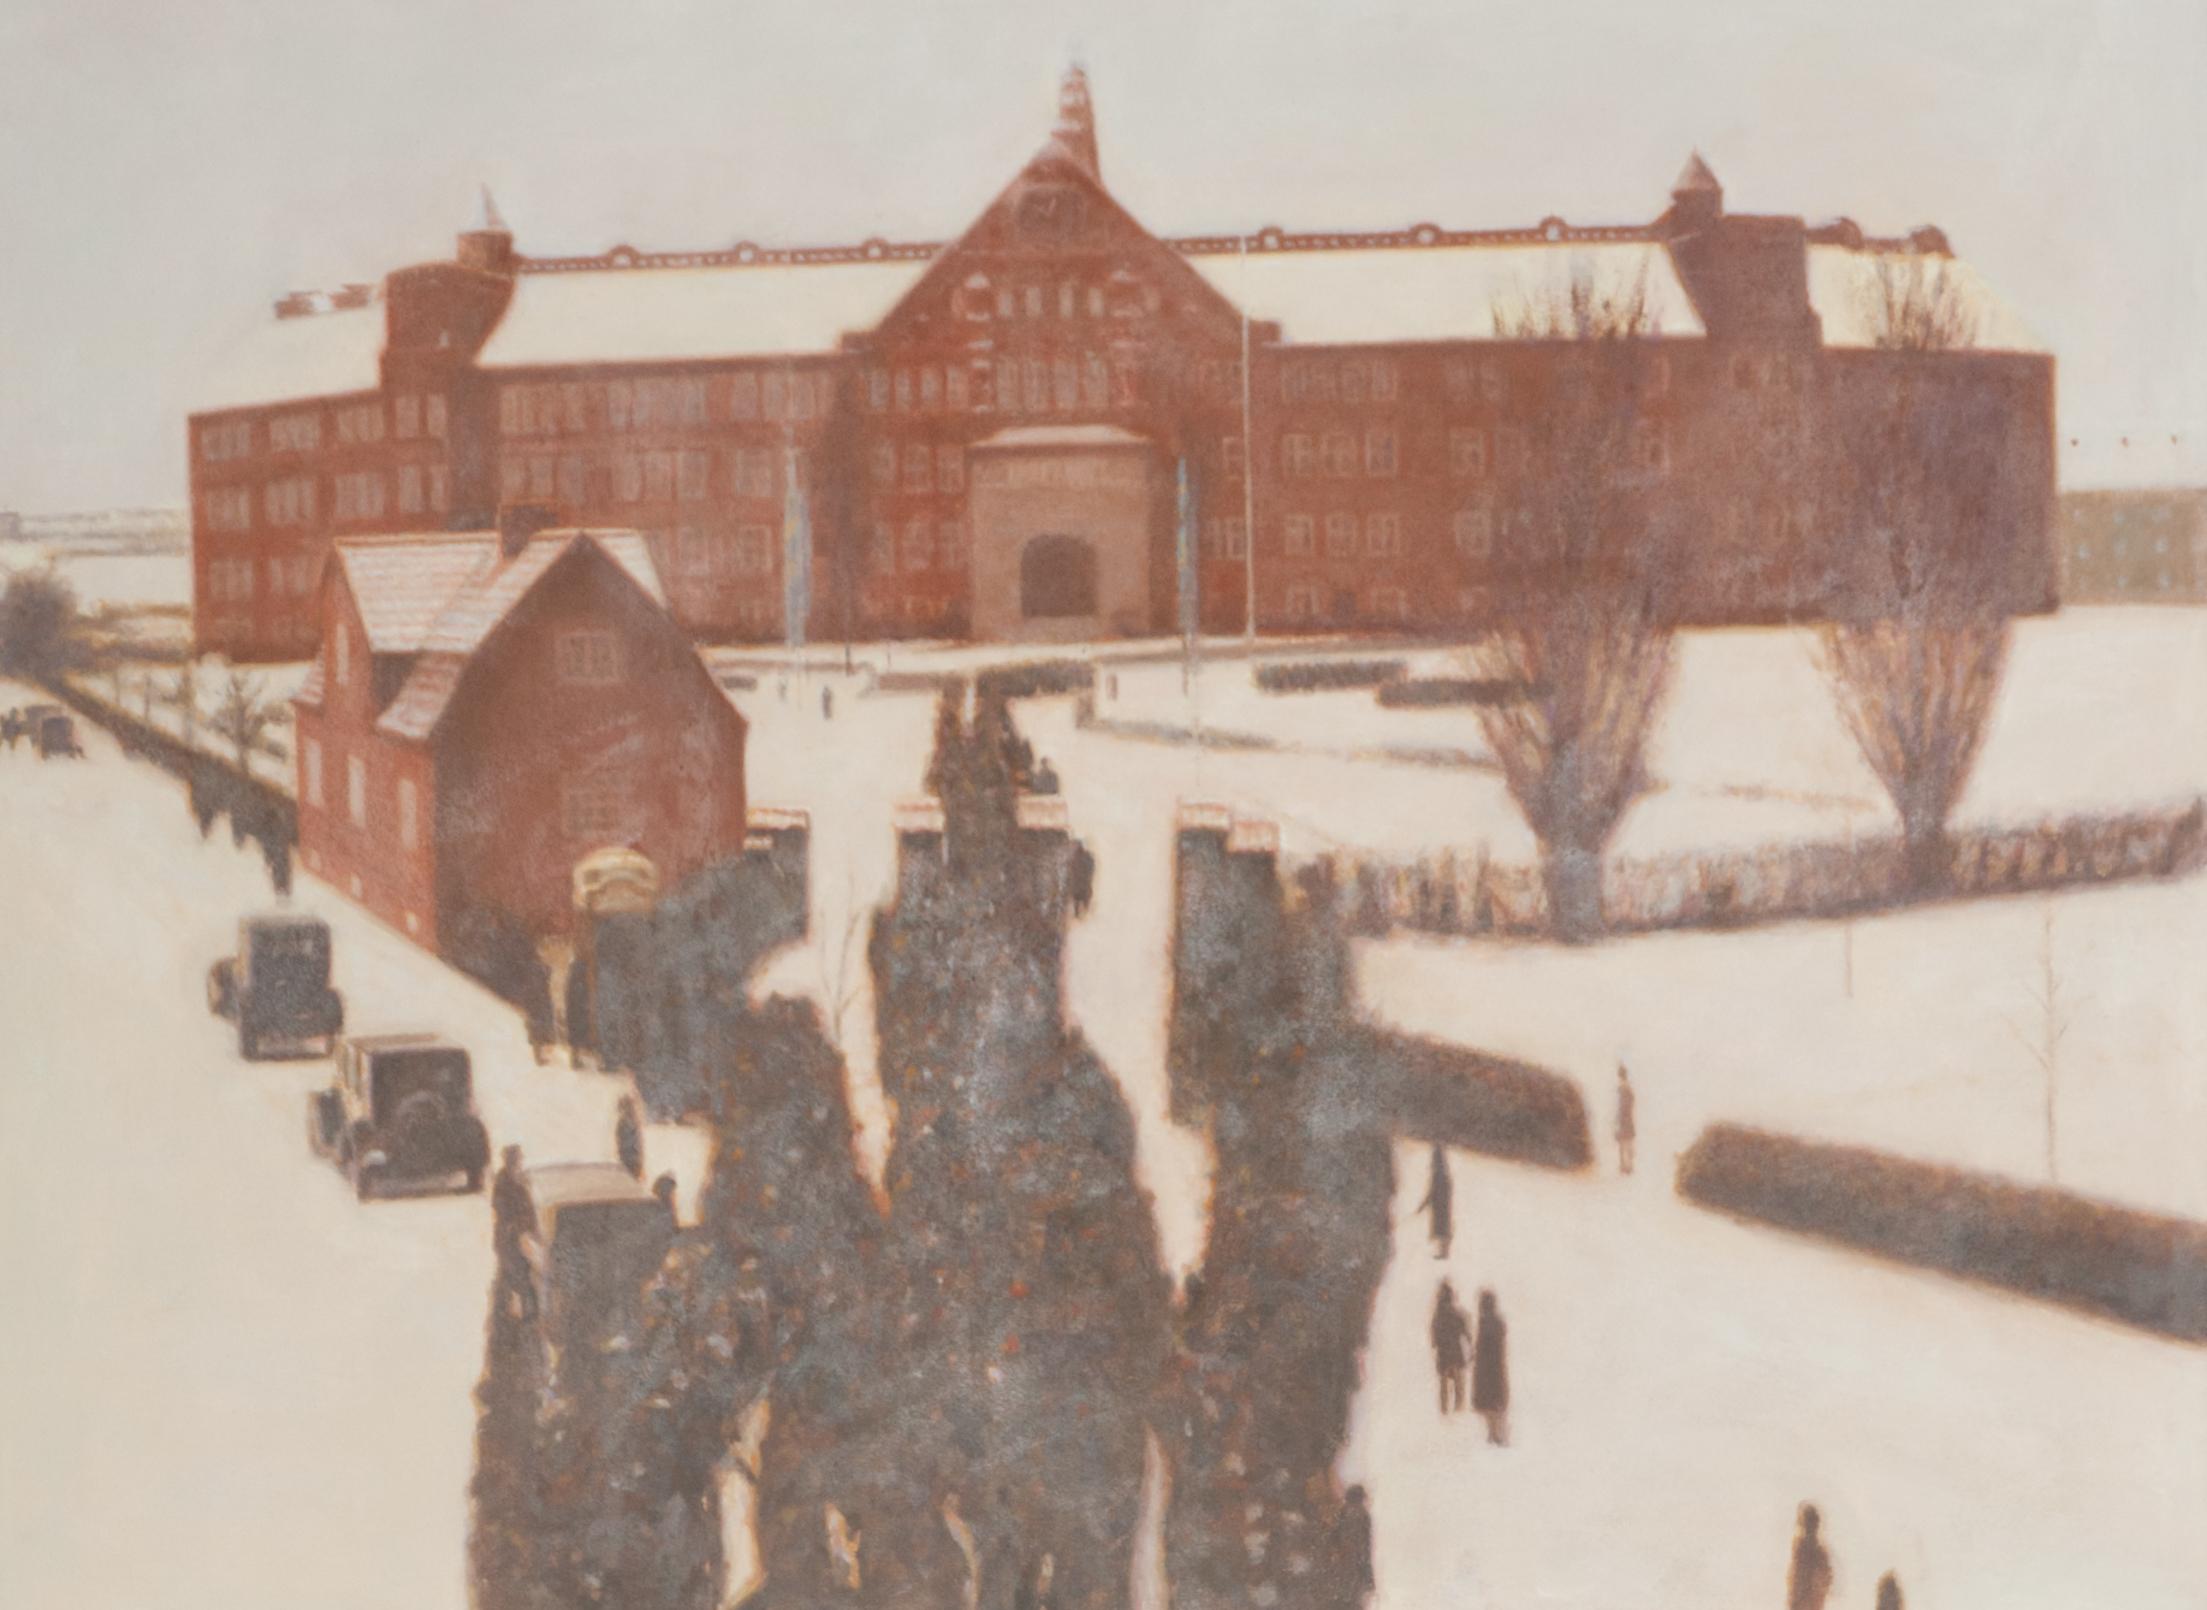 Claes-Åke Schlönzig - Katedralskolans jubileum (1927) - Klicka för att byta till perspektivbild.